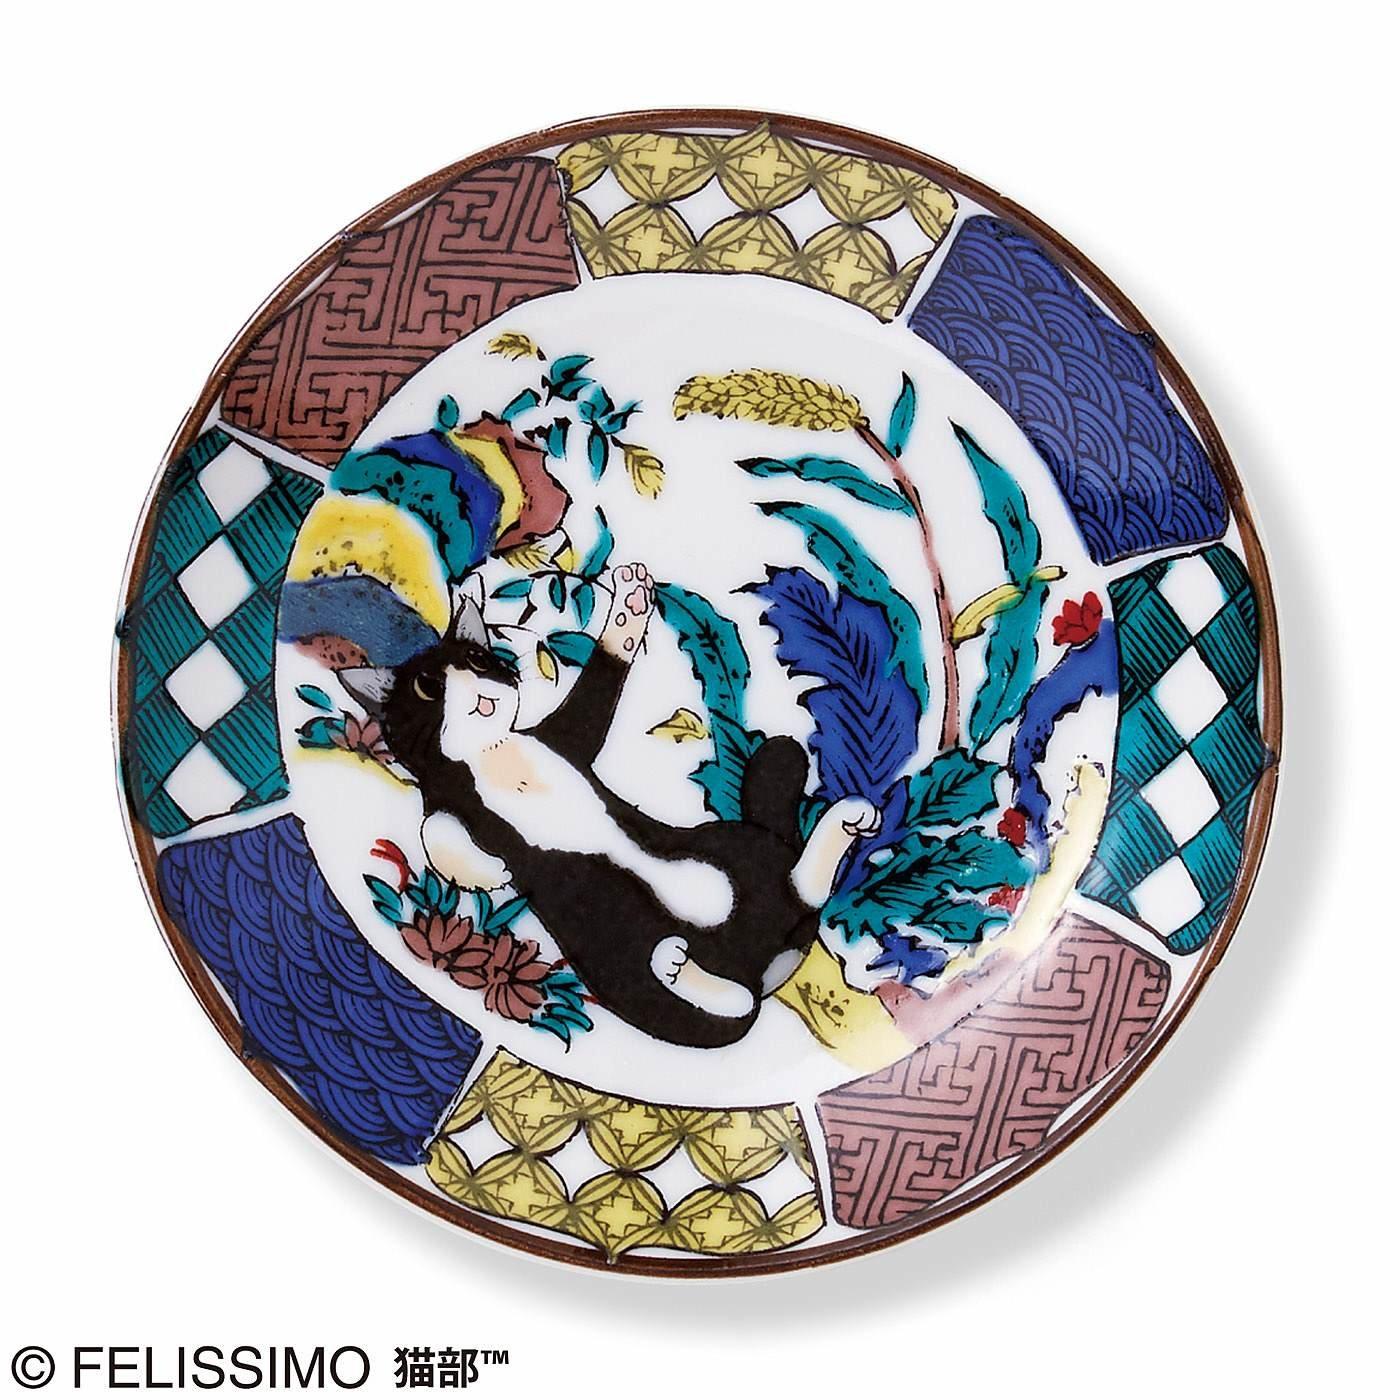 漫画家 山野りんりんさんとつくった 猫が遊ぶ伝統柄の九谷焼豆皿の会